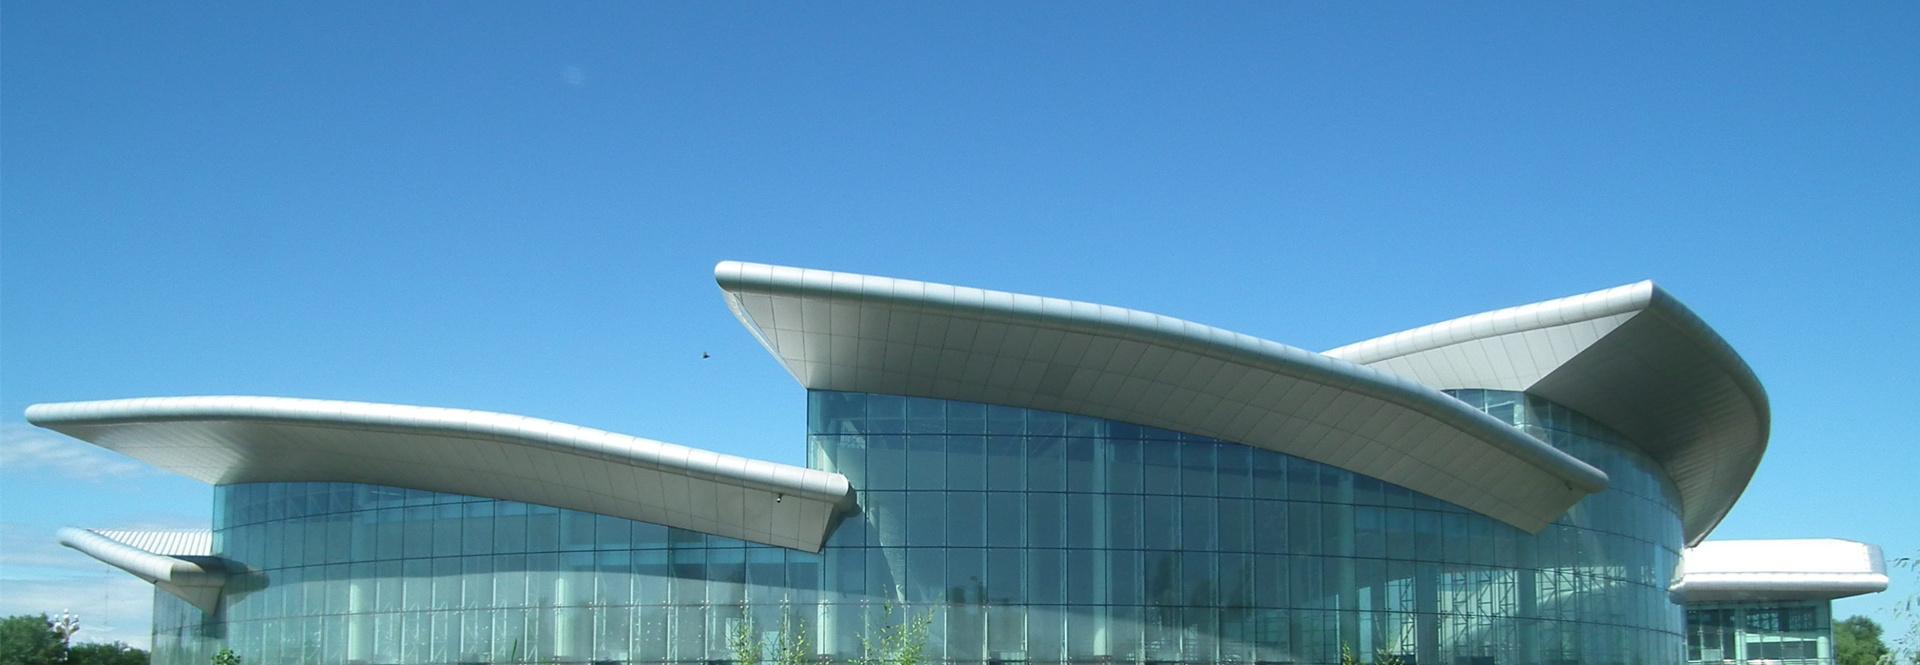 建筑玻璃贴膜的优点有哪些你知道吗